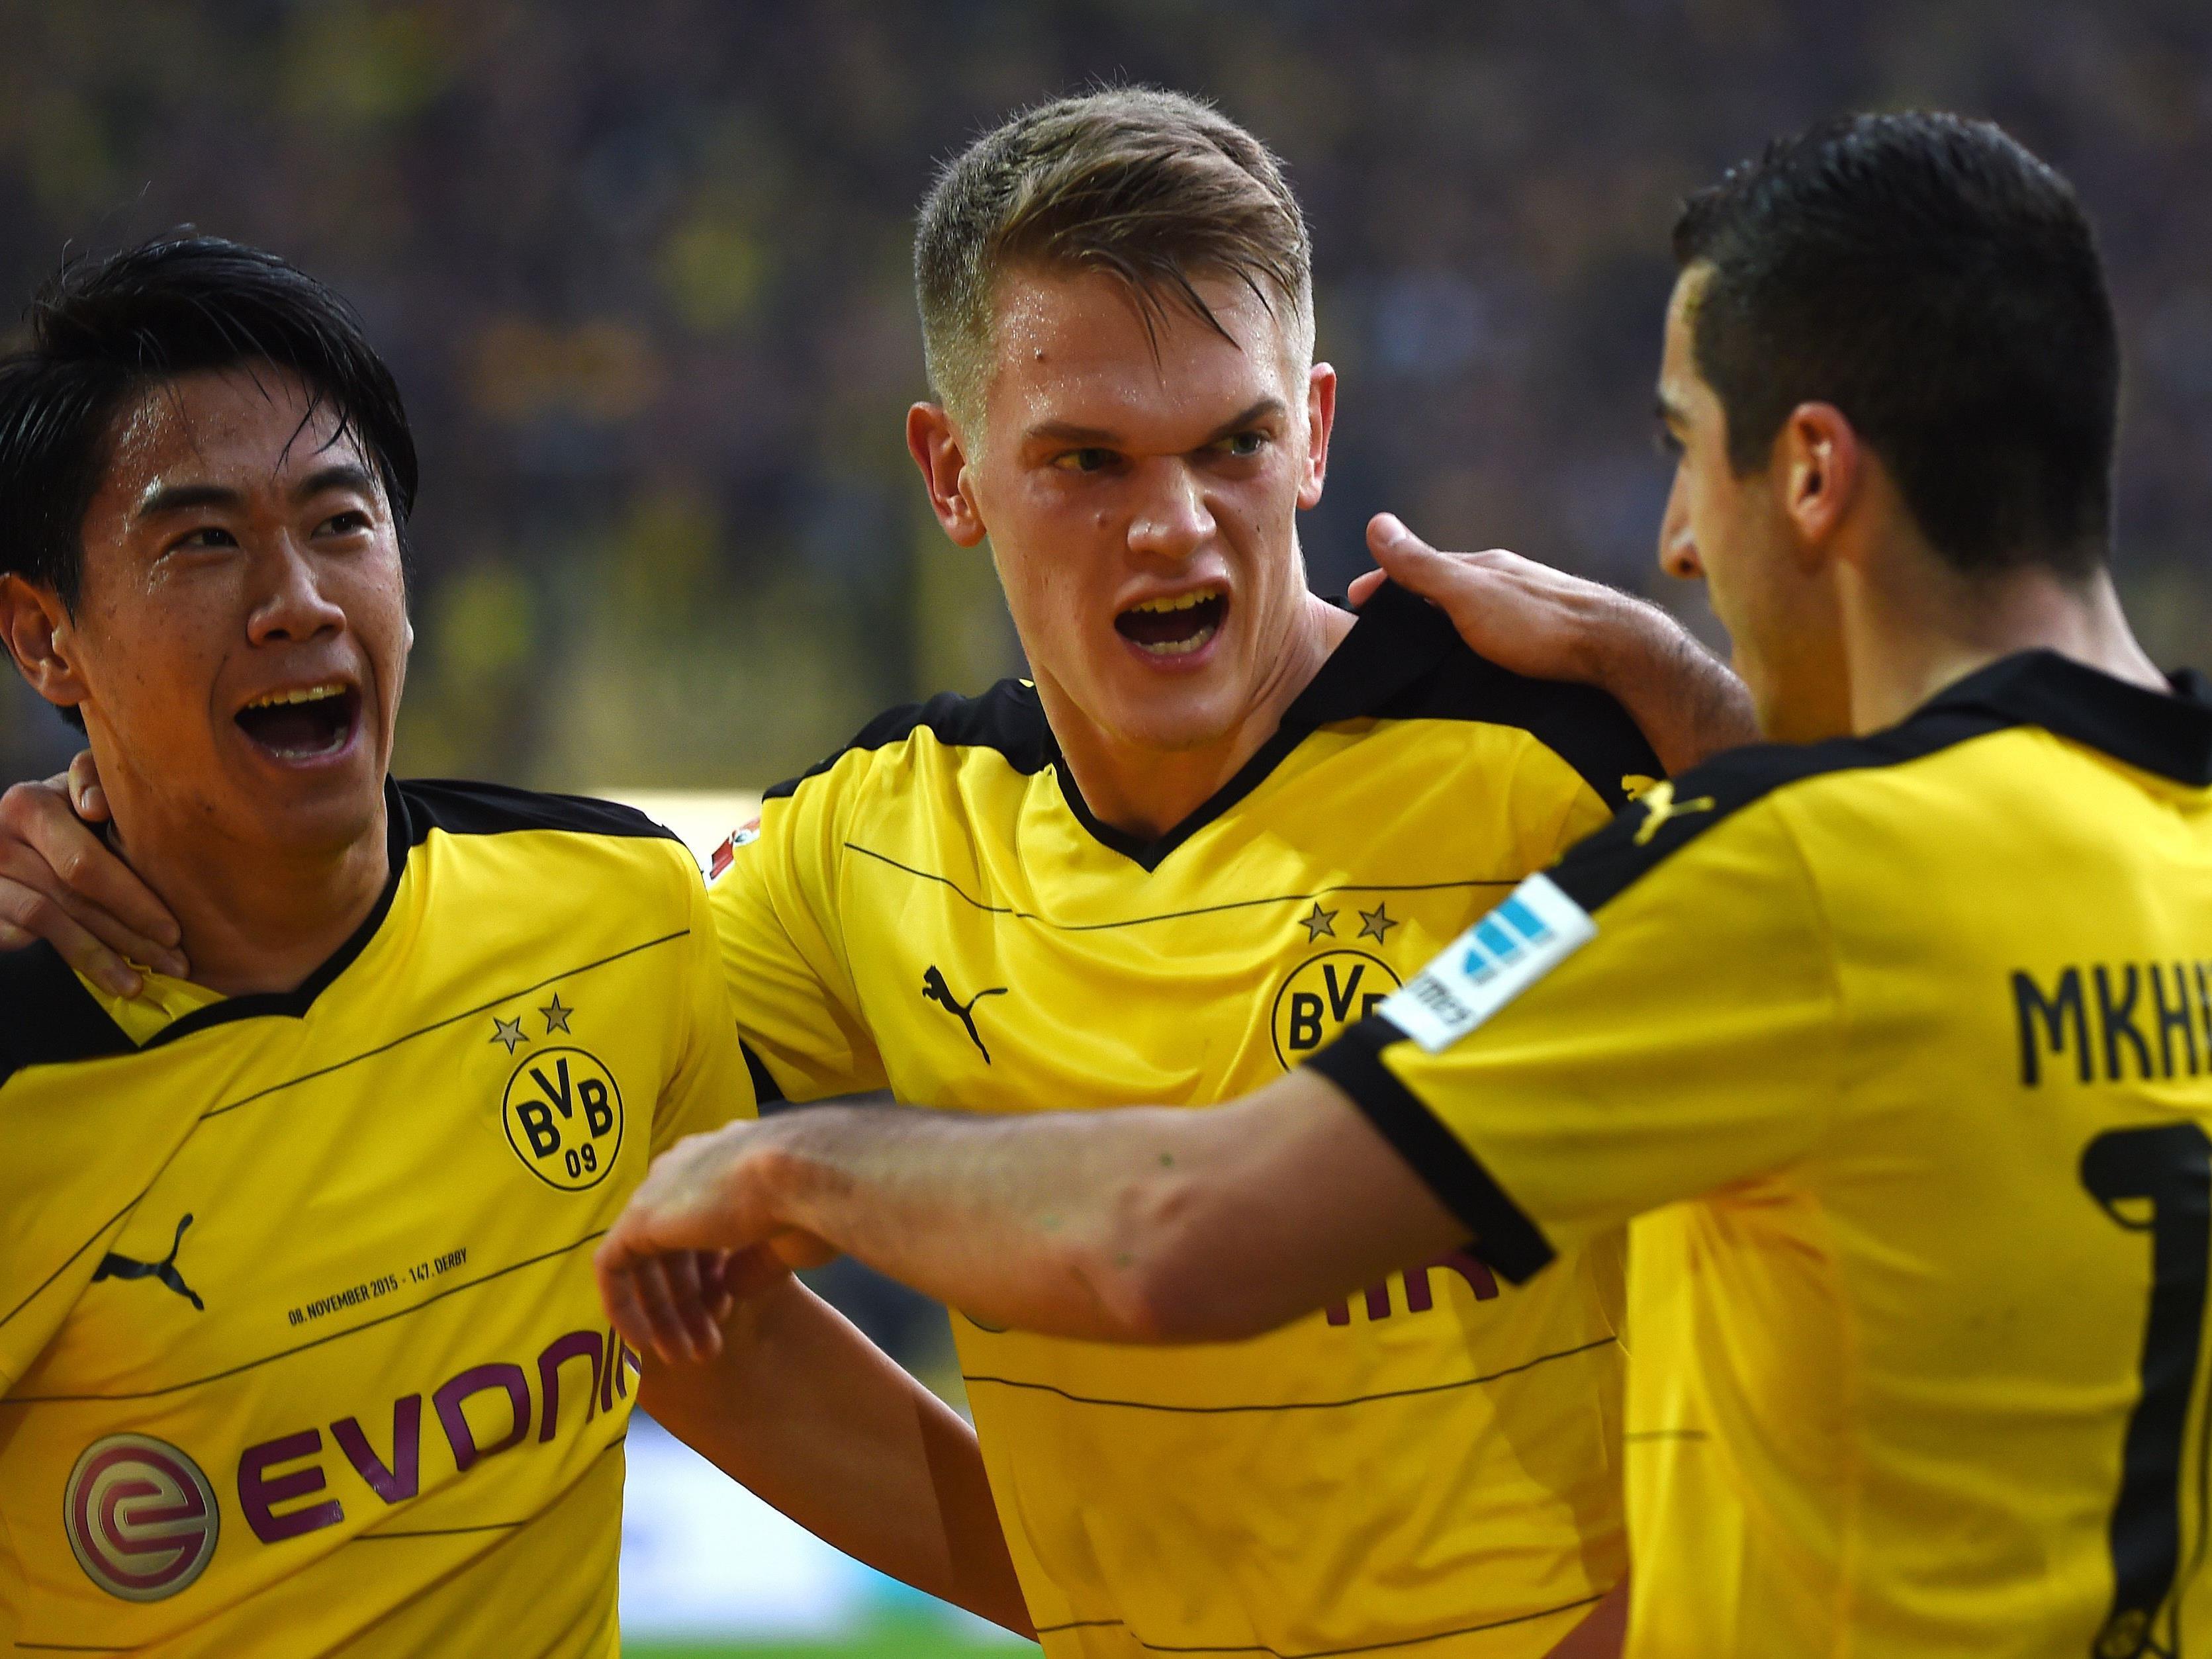 Der 13. Spieltag der deutschen Bundesliga beginnt mit dem Duell Hamburg gegen Dortmund.